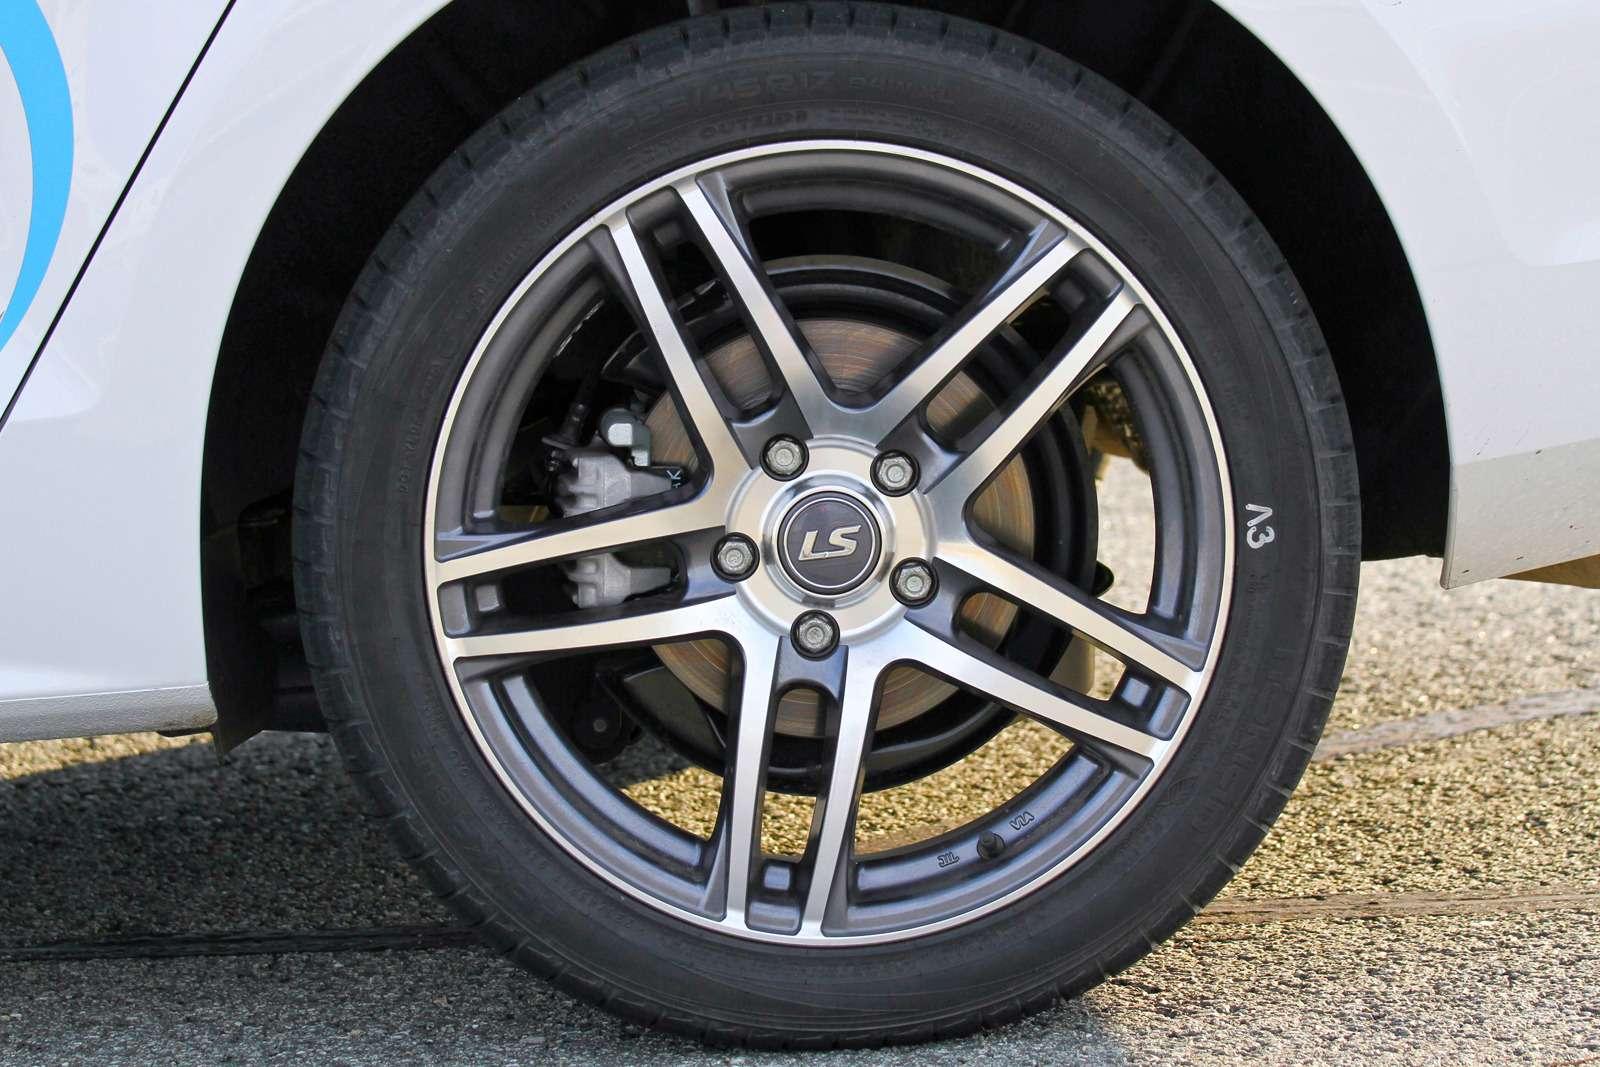 Сравнительный тест высокоскоростных летних шин 225/45R17: заложники скорости— фото 572698